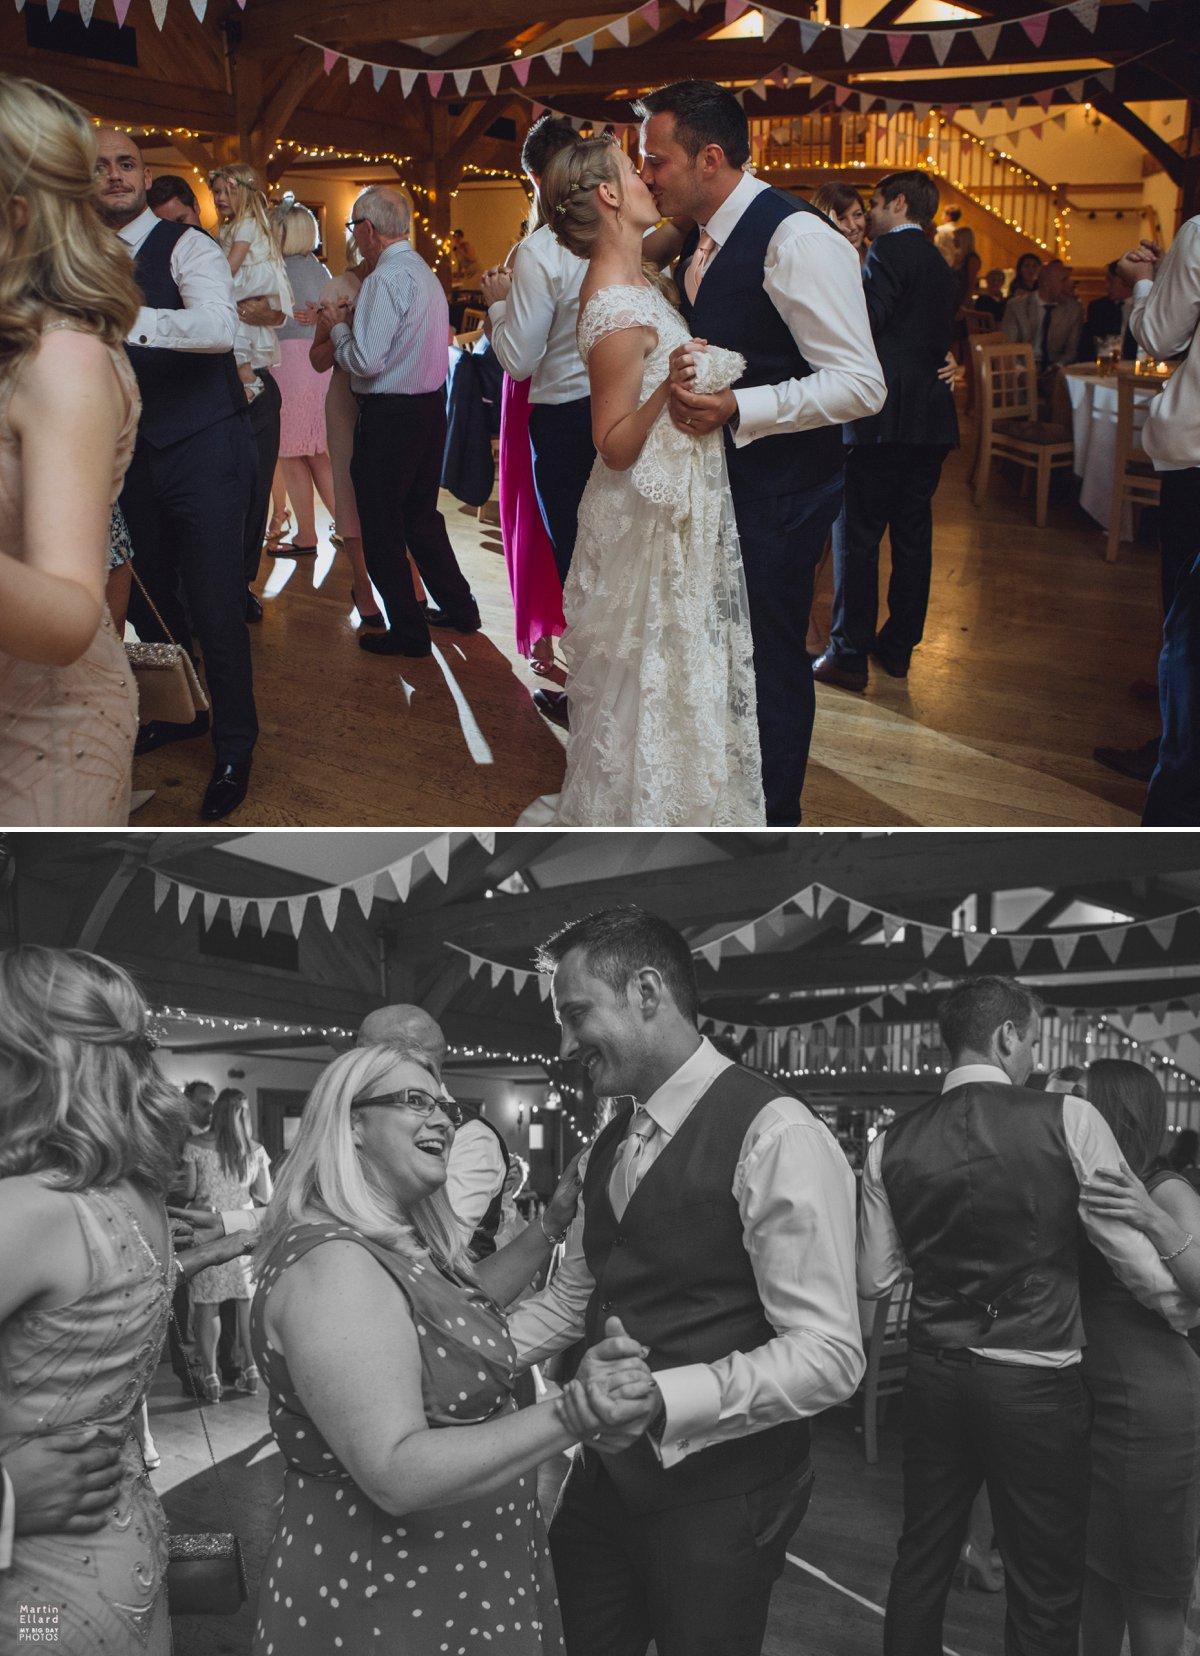 wedding guests dancing Gower